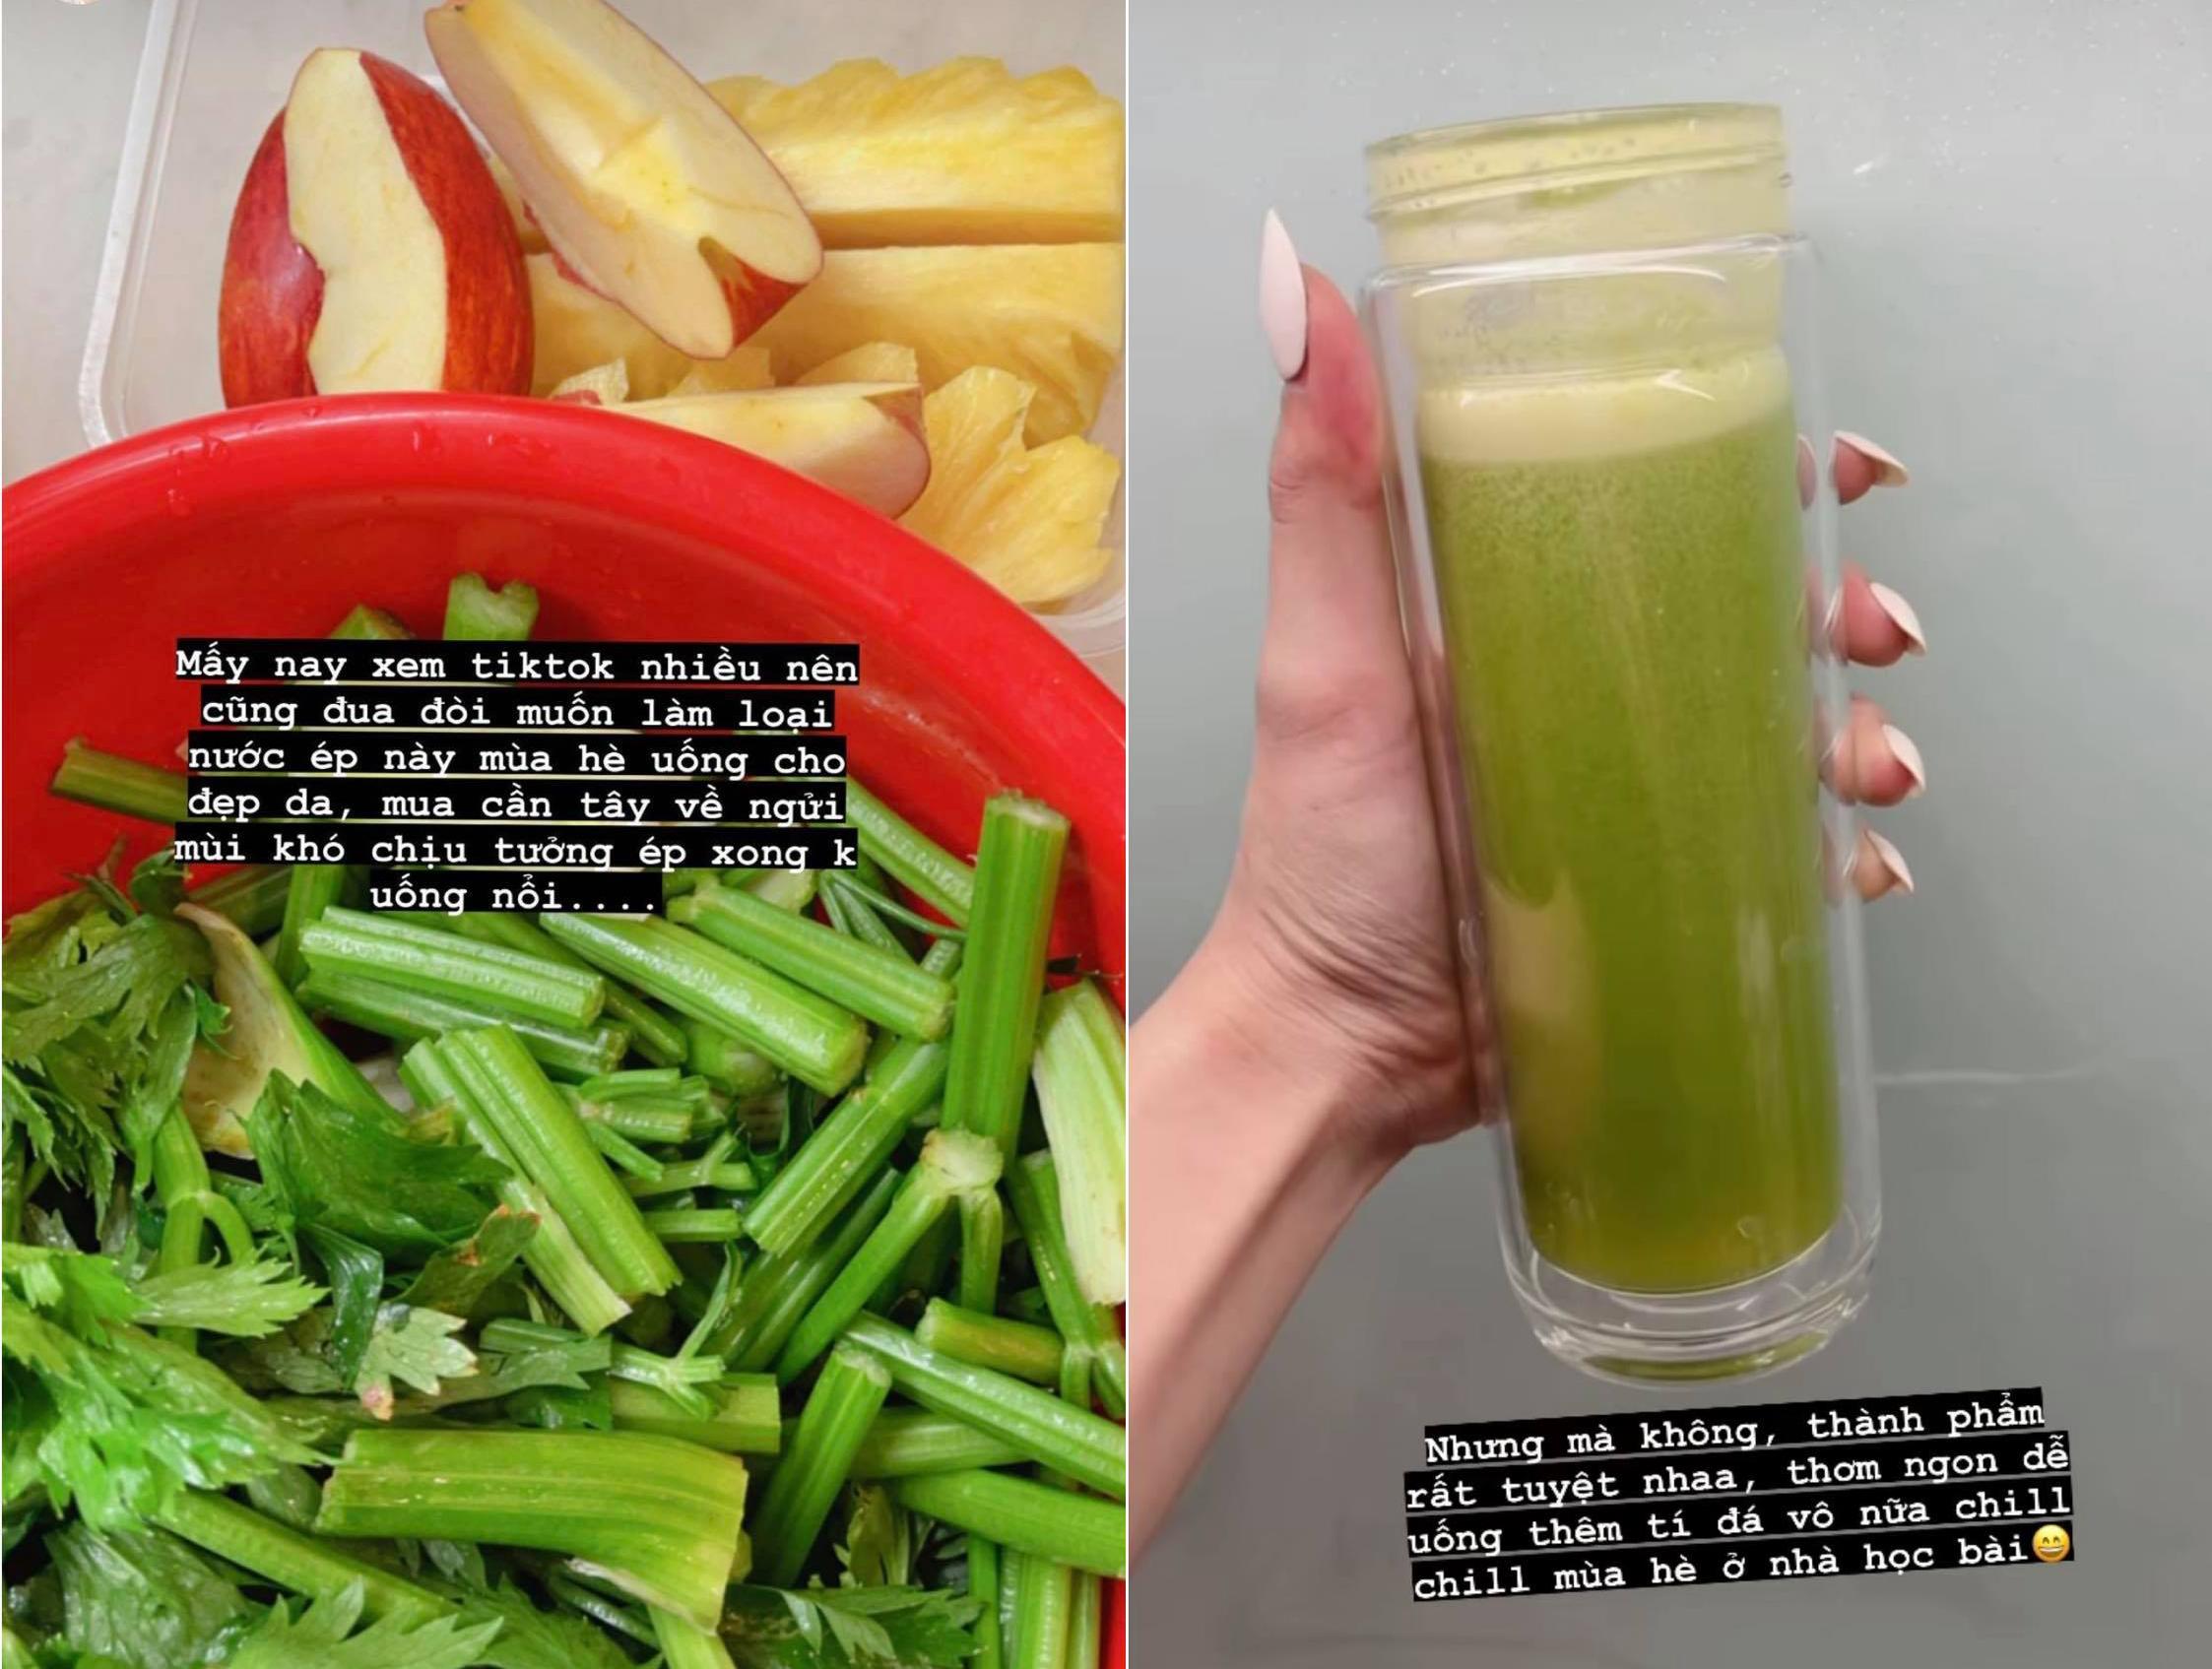 Hoa hậu Đỗ Hà nhập hội uống nước ép cần tây